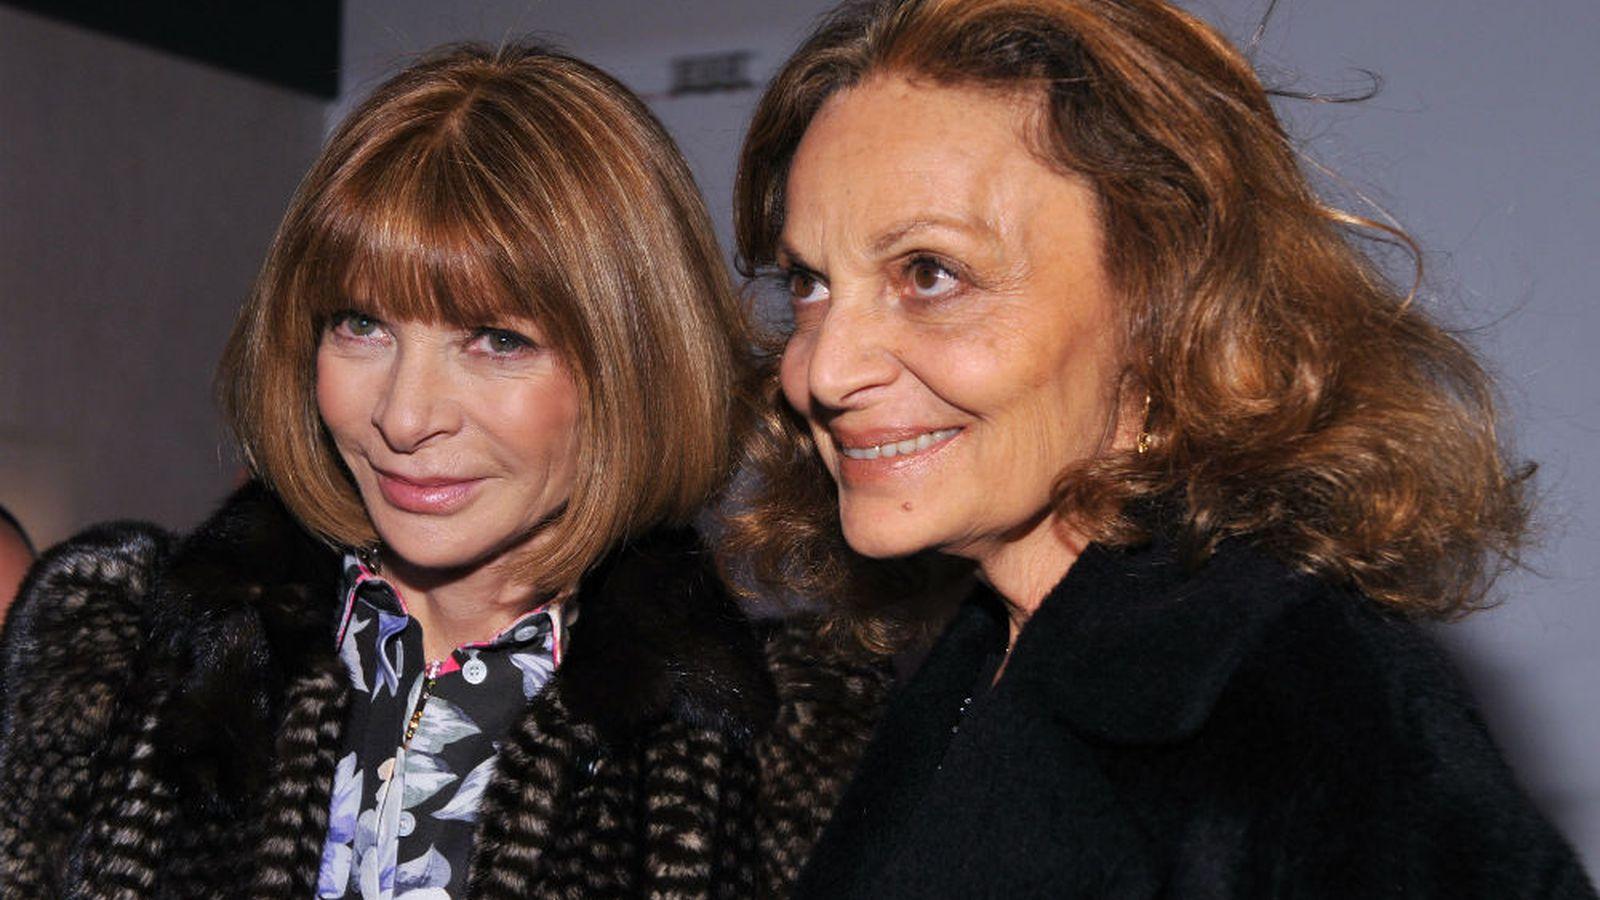 Anna Wintour and Diane von Furstenberg Vie For Ranking of ...